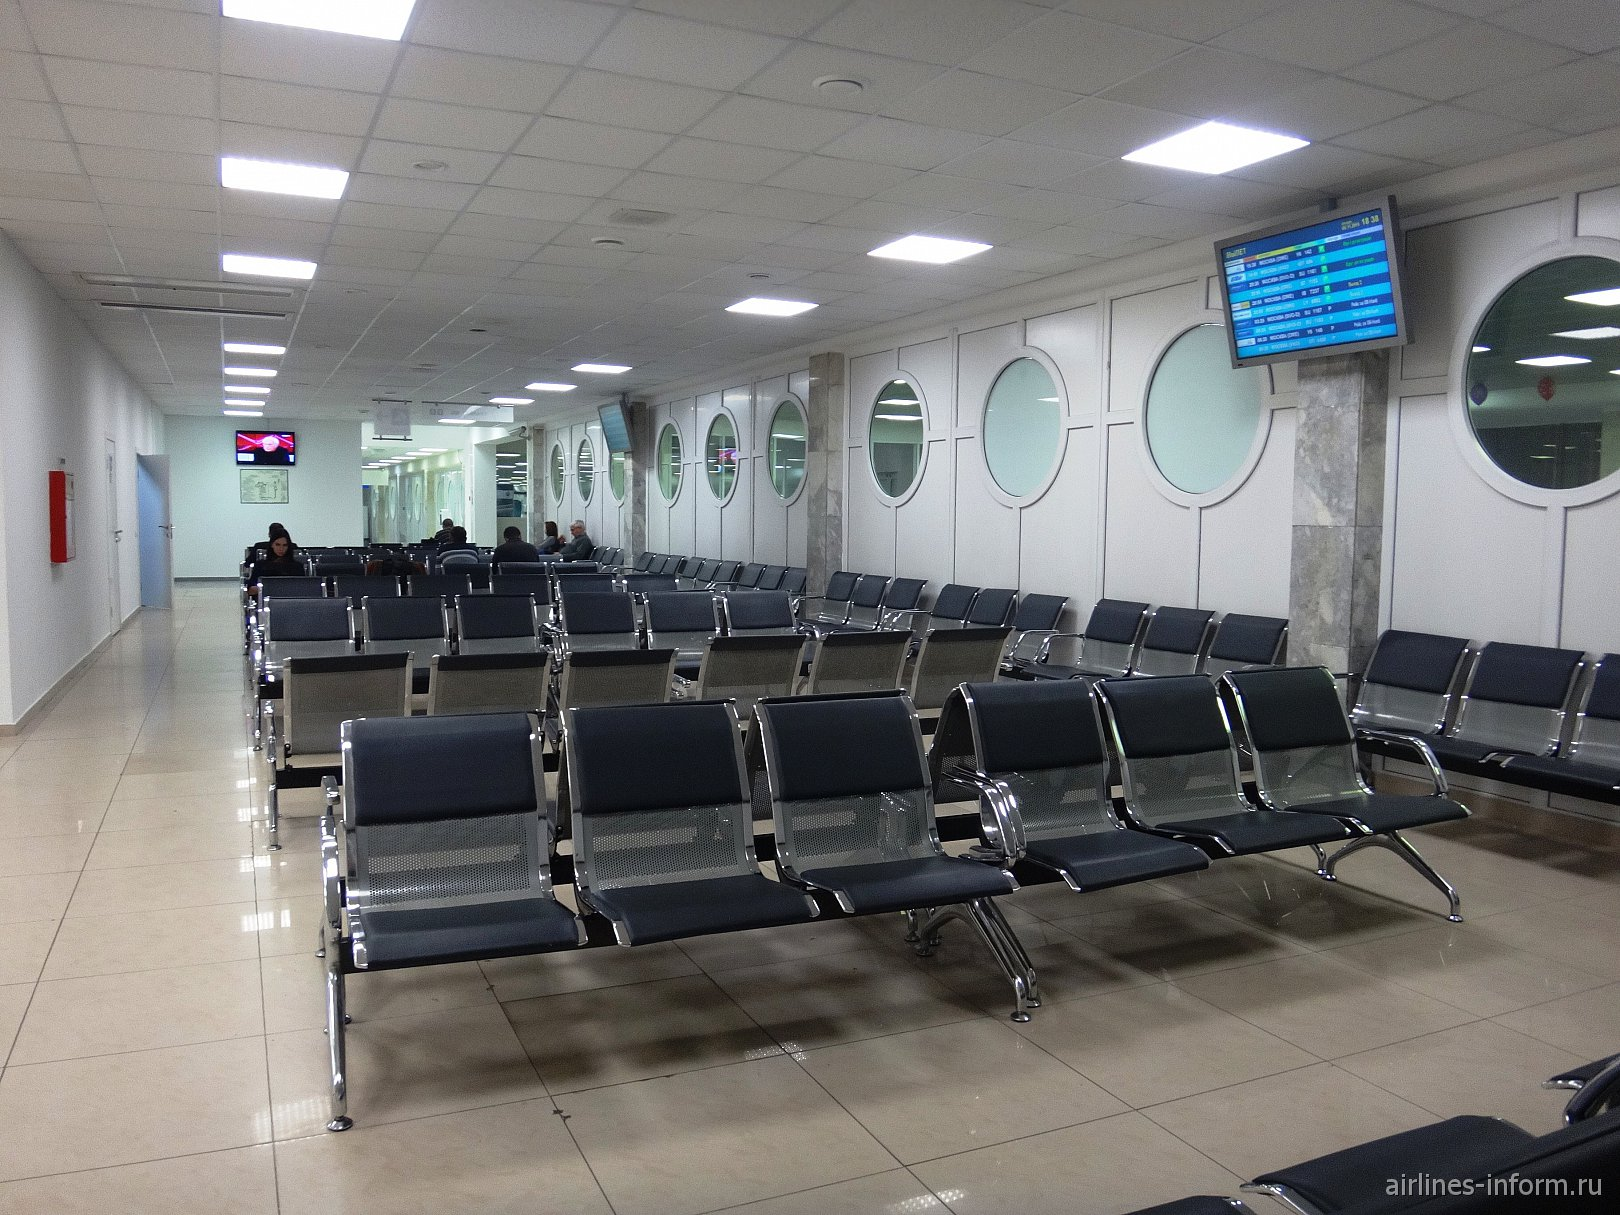 Зал ожидания в аэропорту Ростов-на-Дону